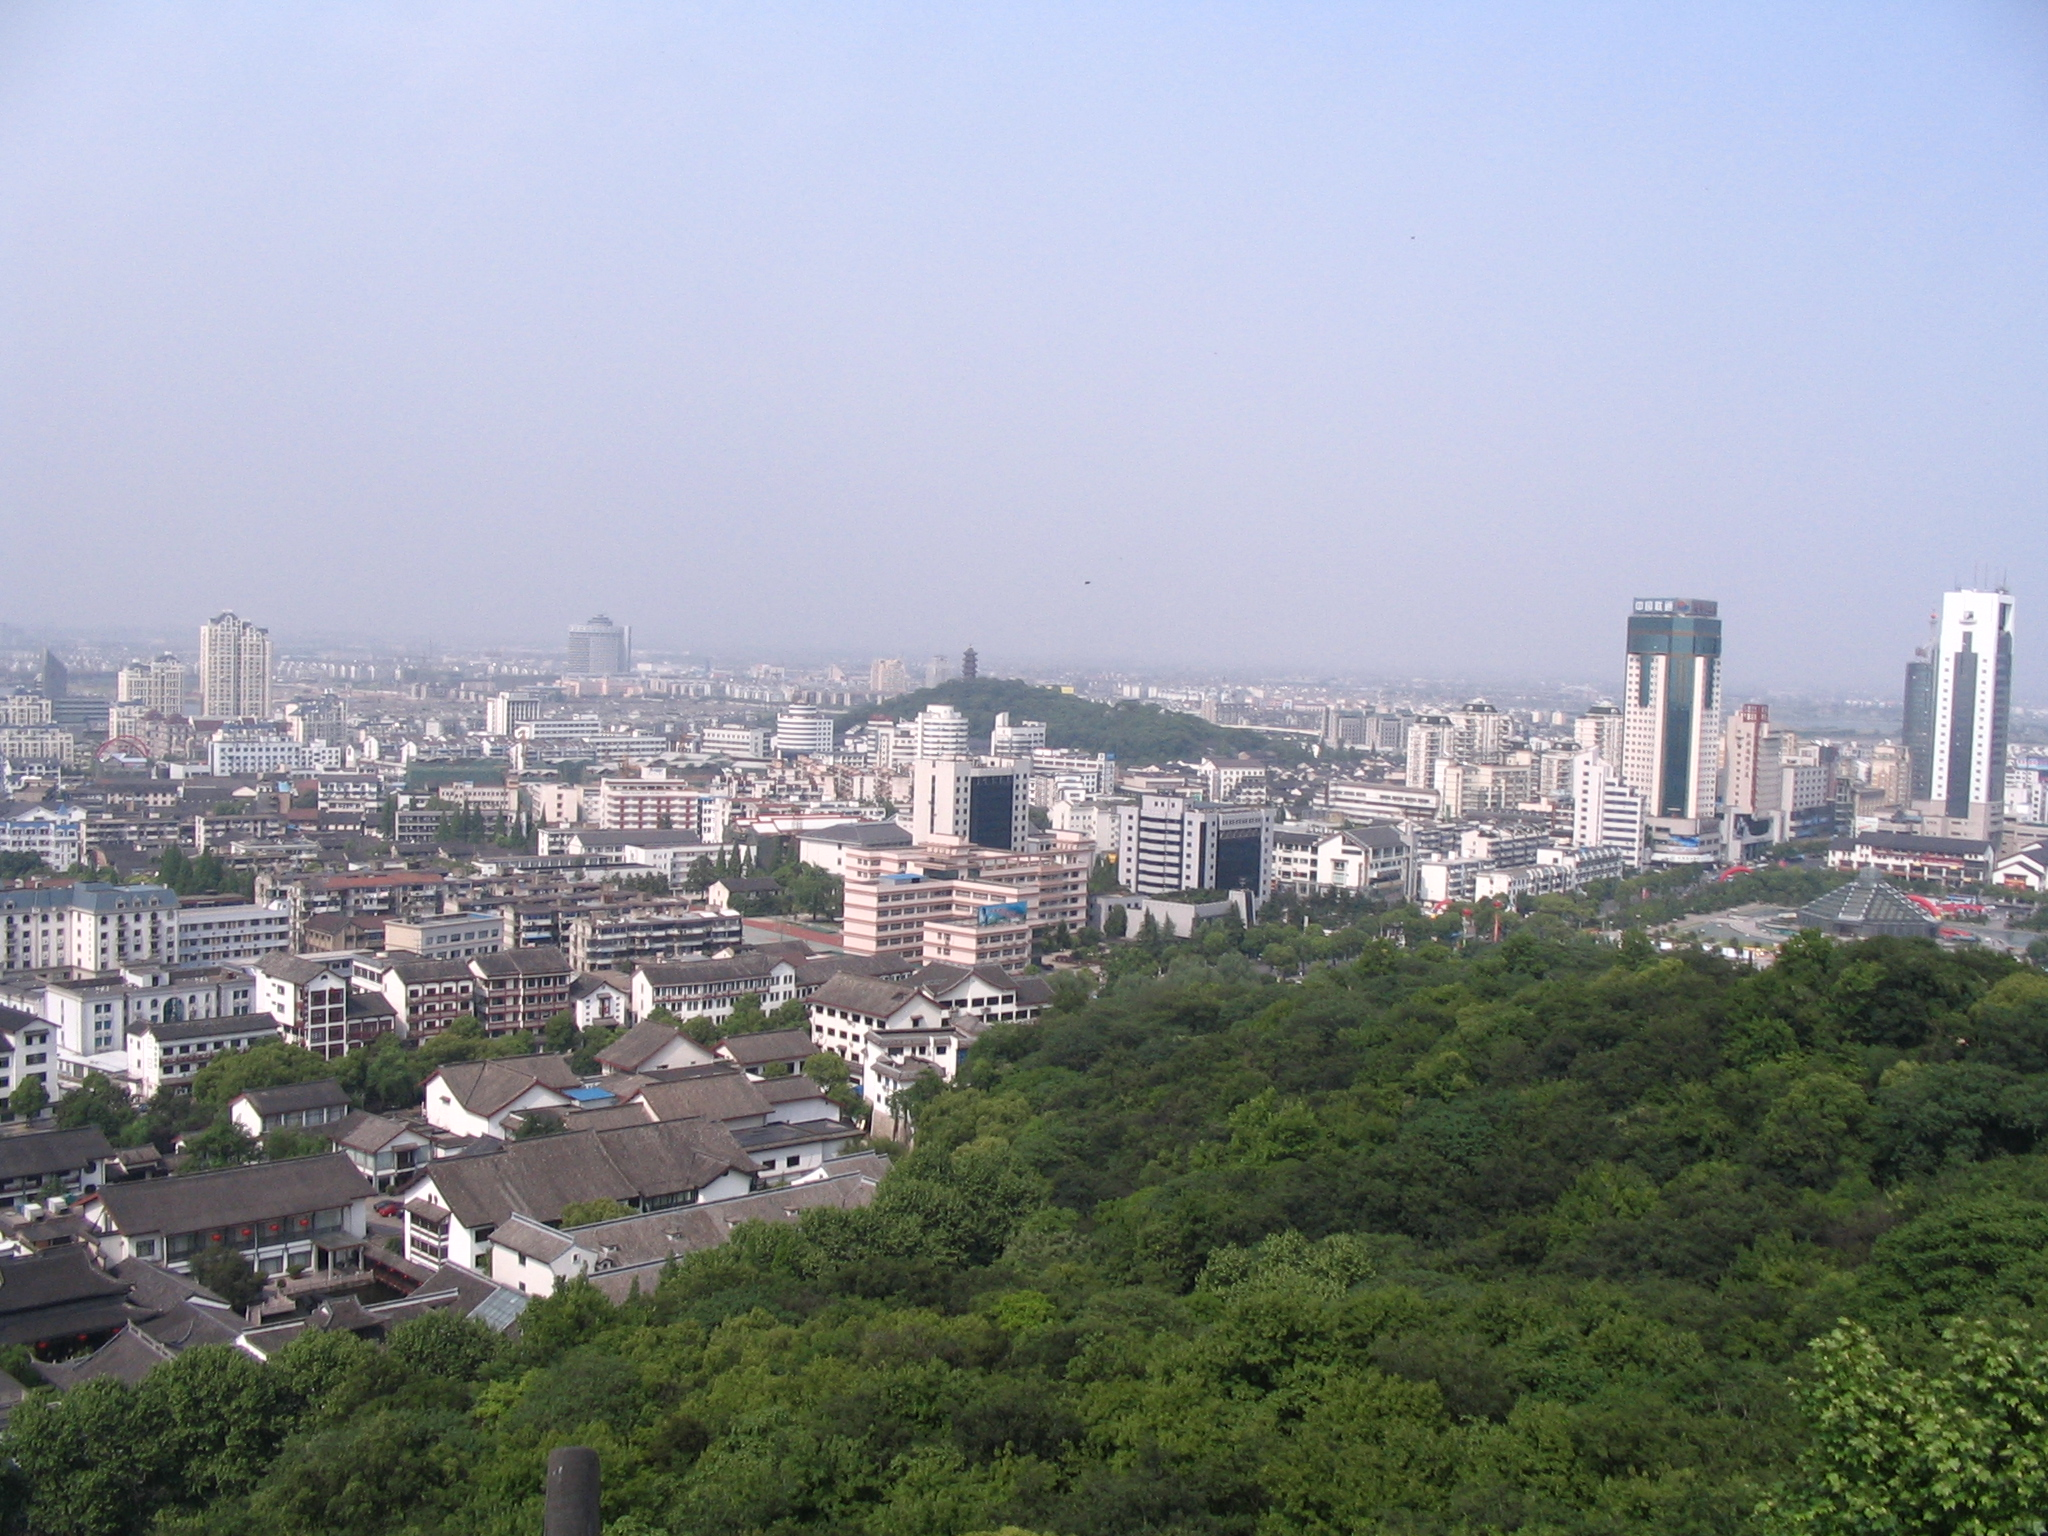 Lu Xun commemorates Baicao Garden the former residence site in 1881